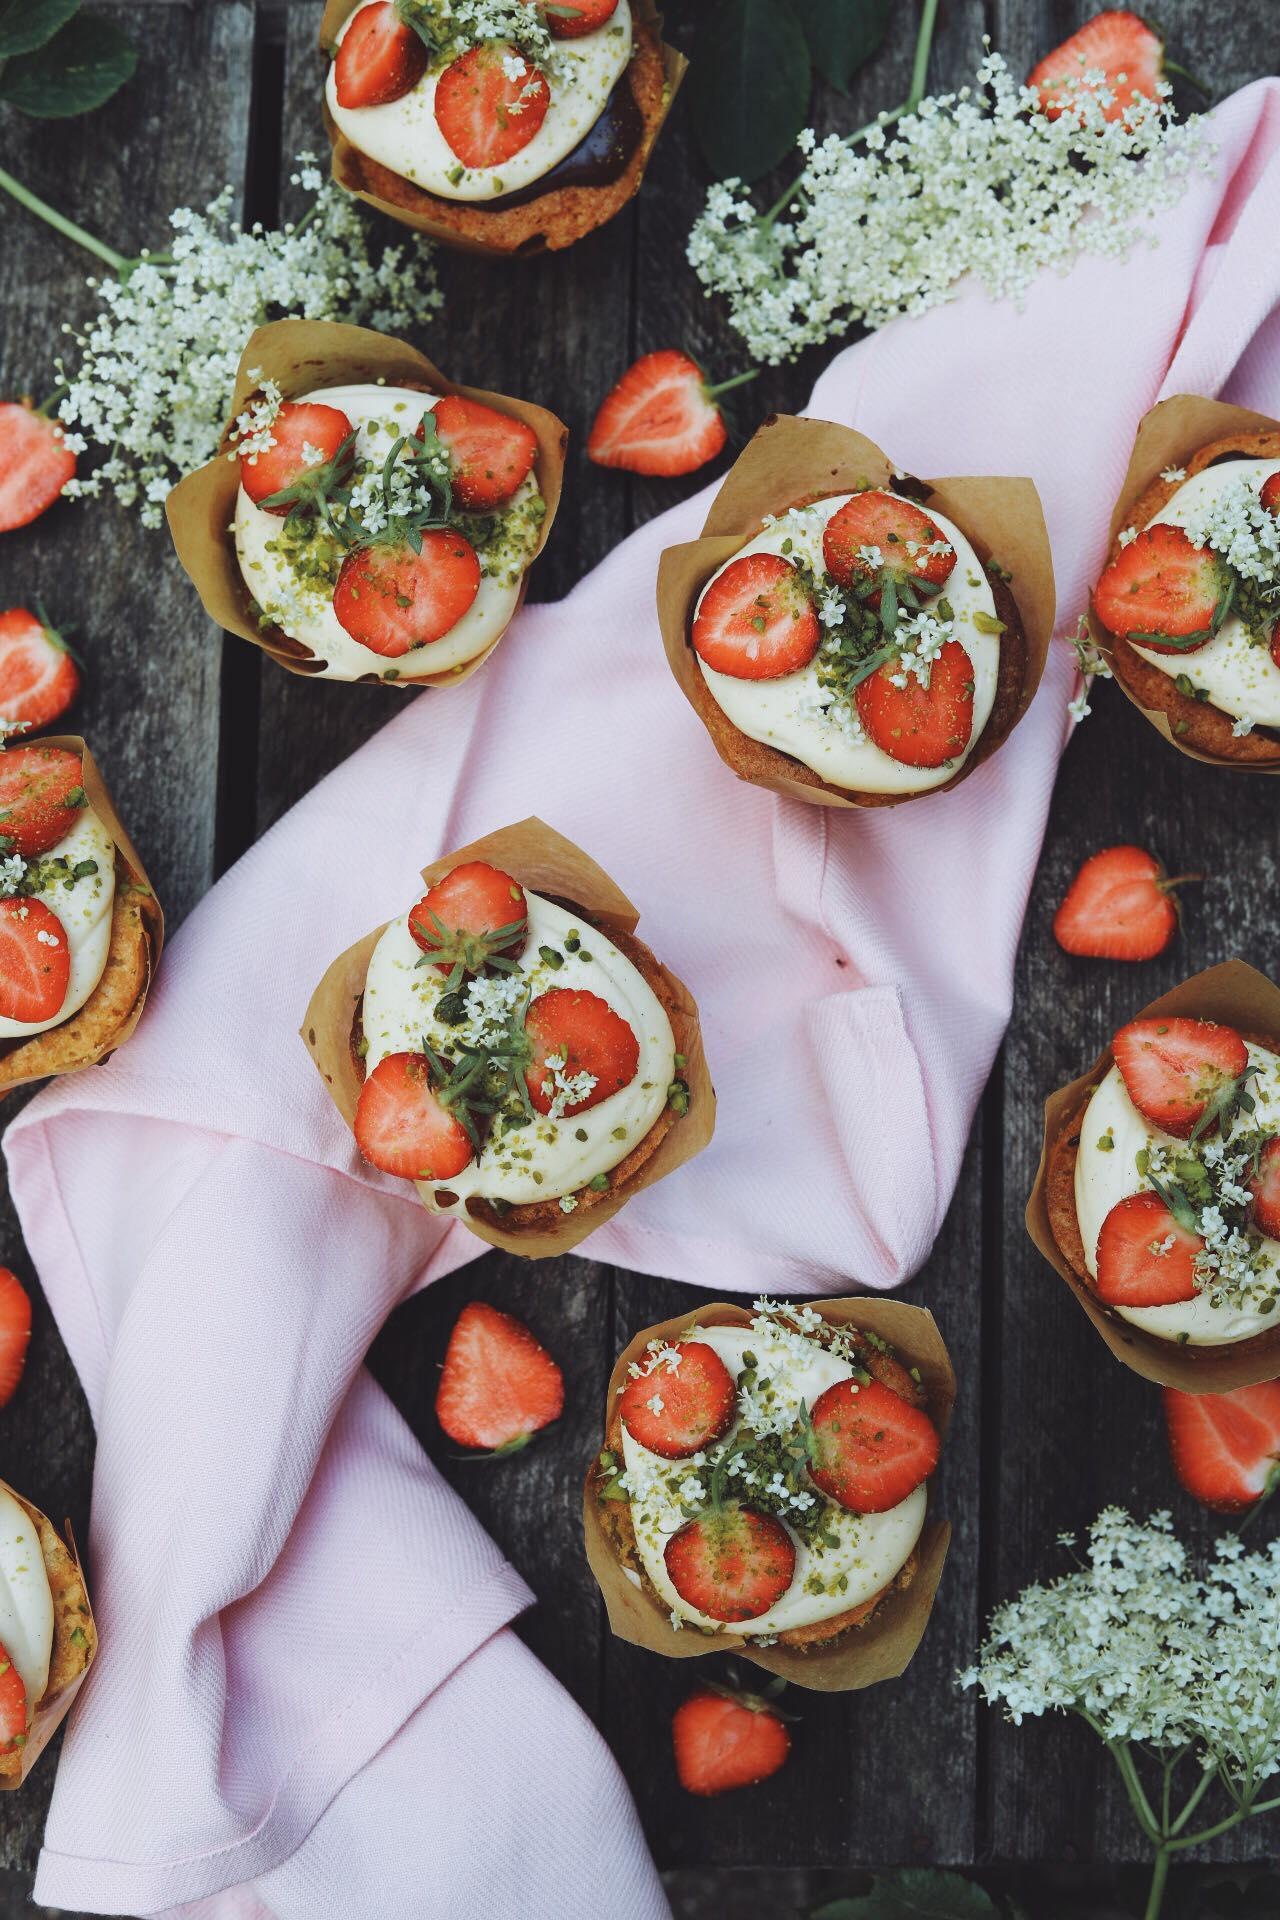 Jordbærtærte muffins